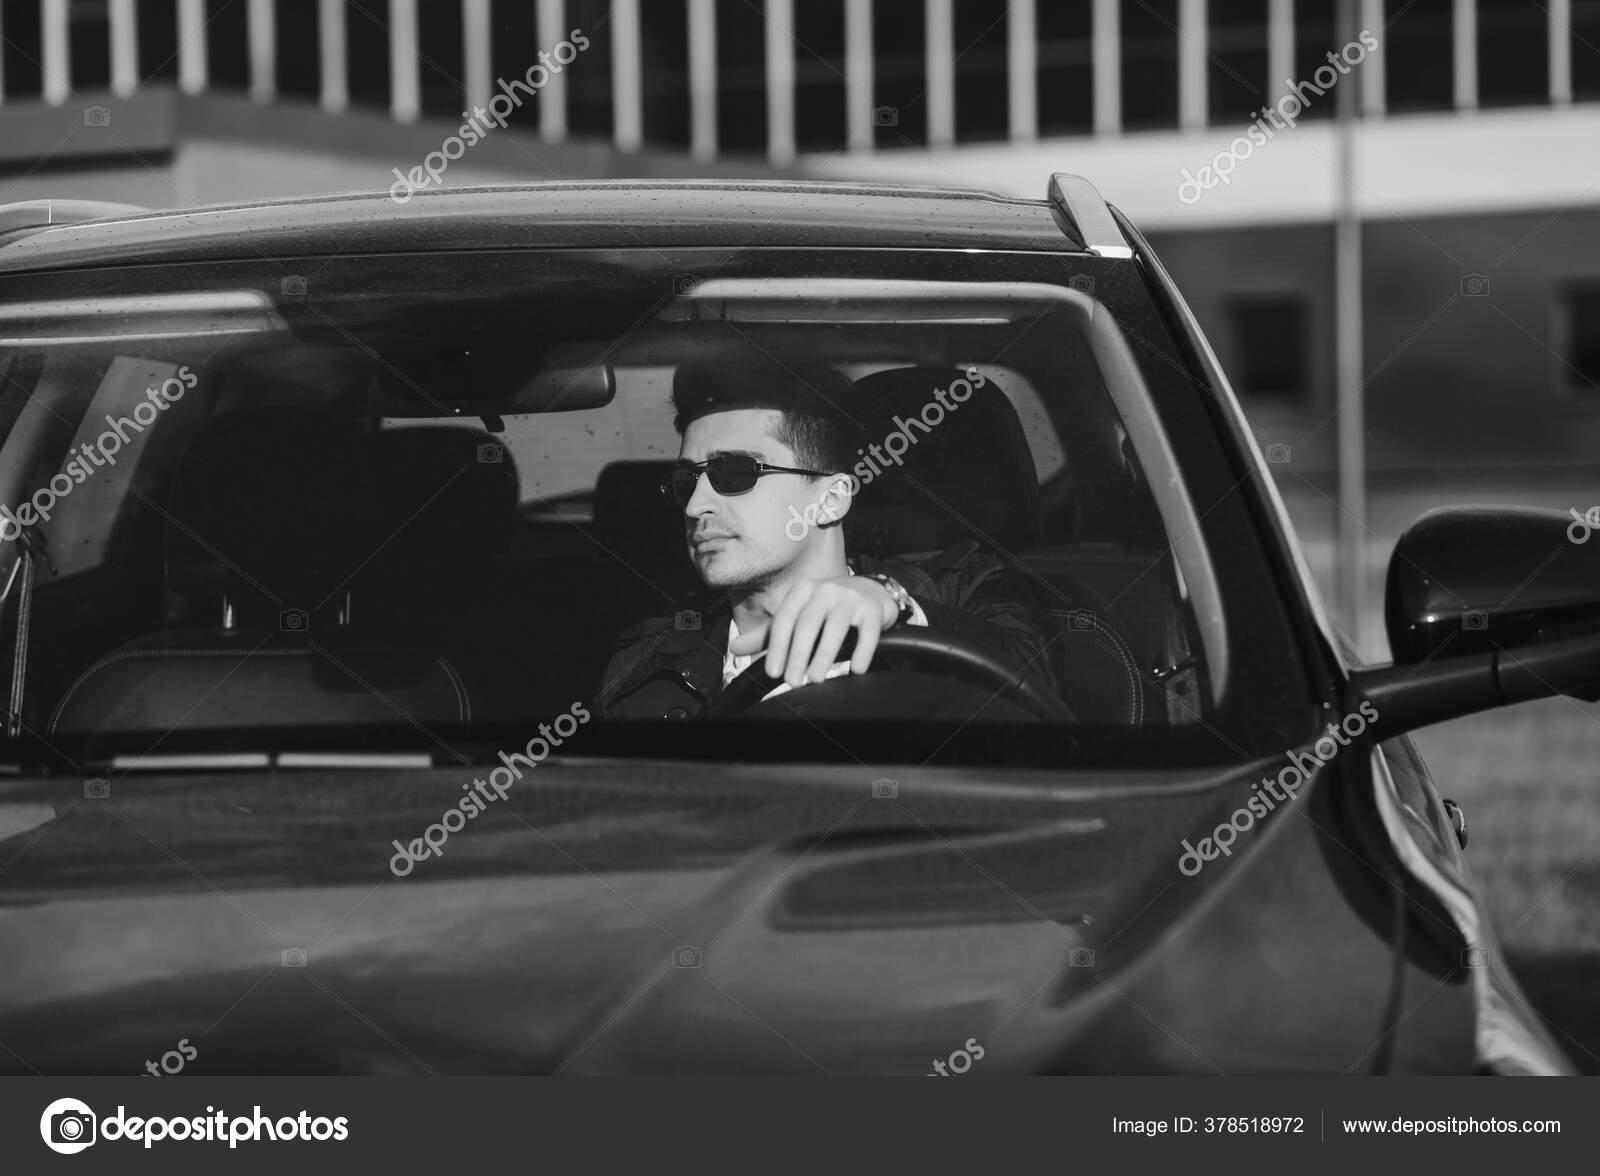 тут еще фото мужчина боком за рулем в очках находит применение